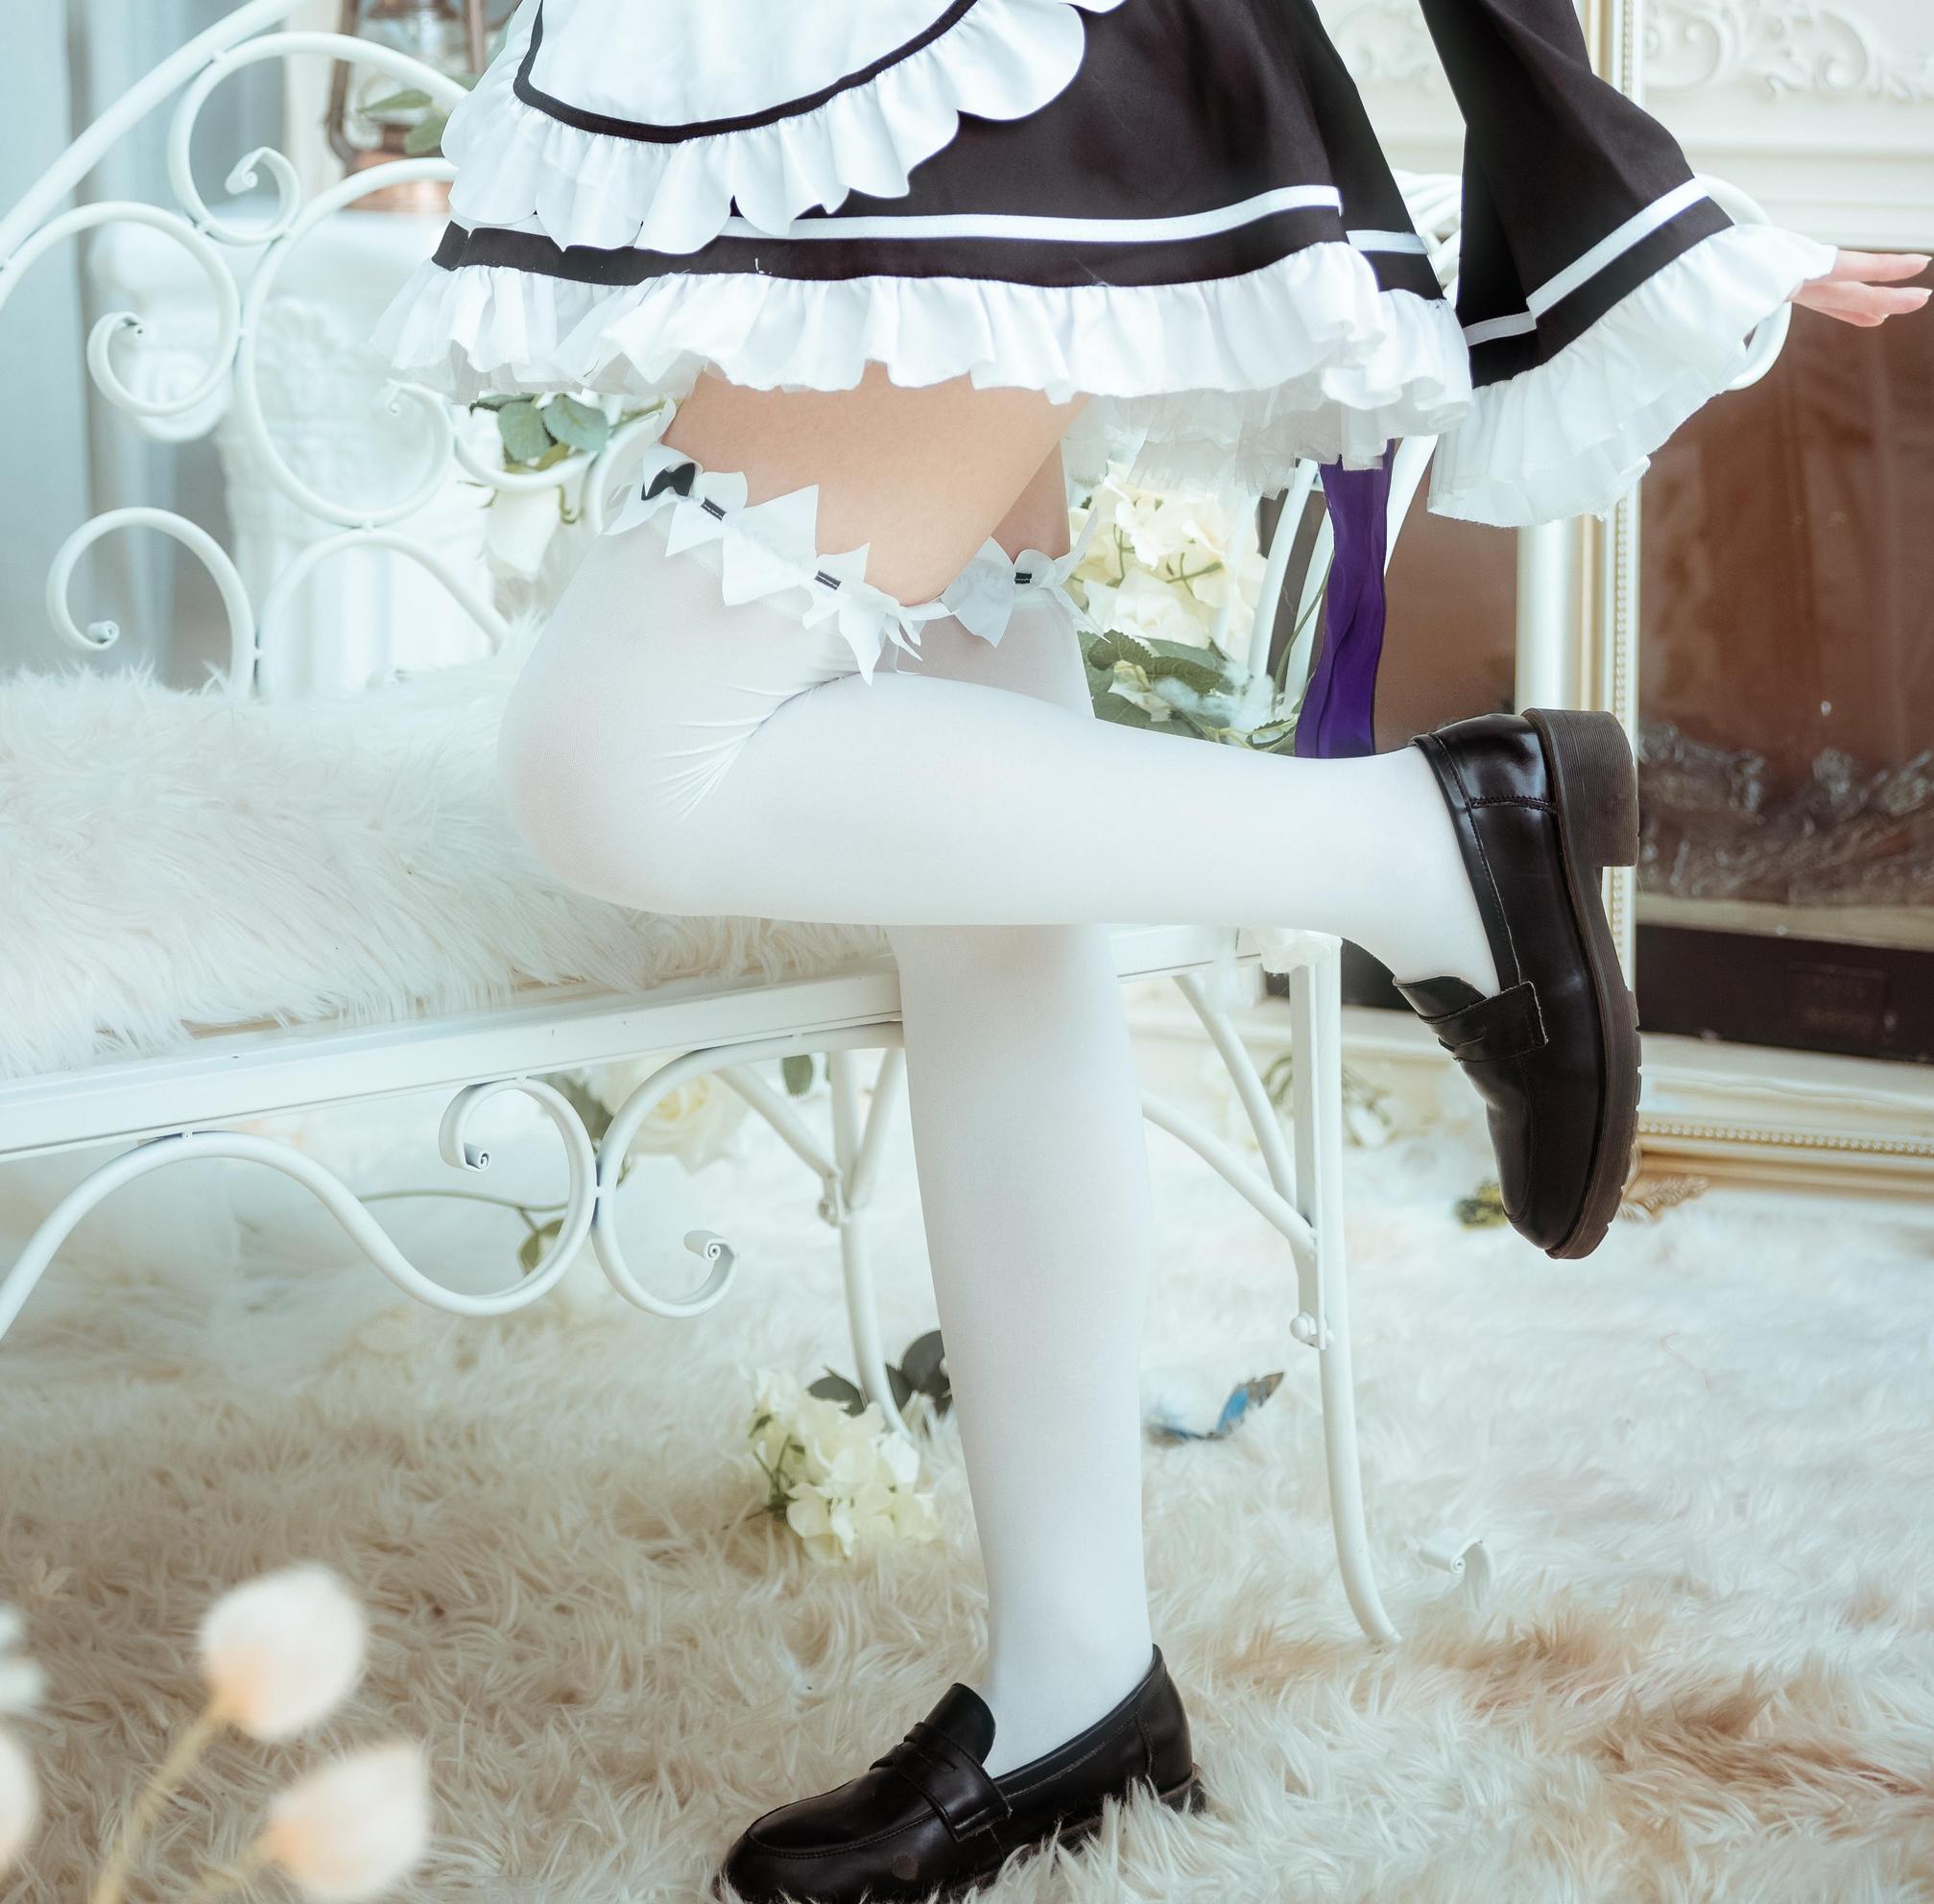 《RE:从零开始的异世界生活》正片cosplay【CN:铅华wr】-第3张